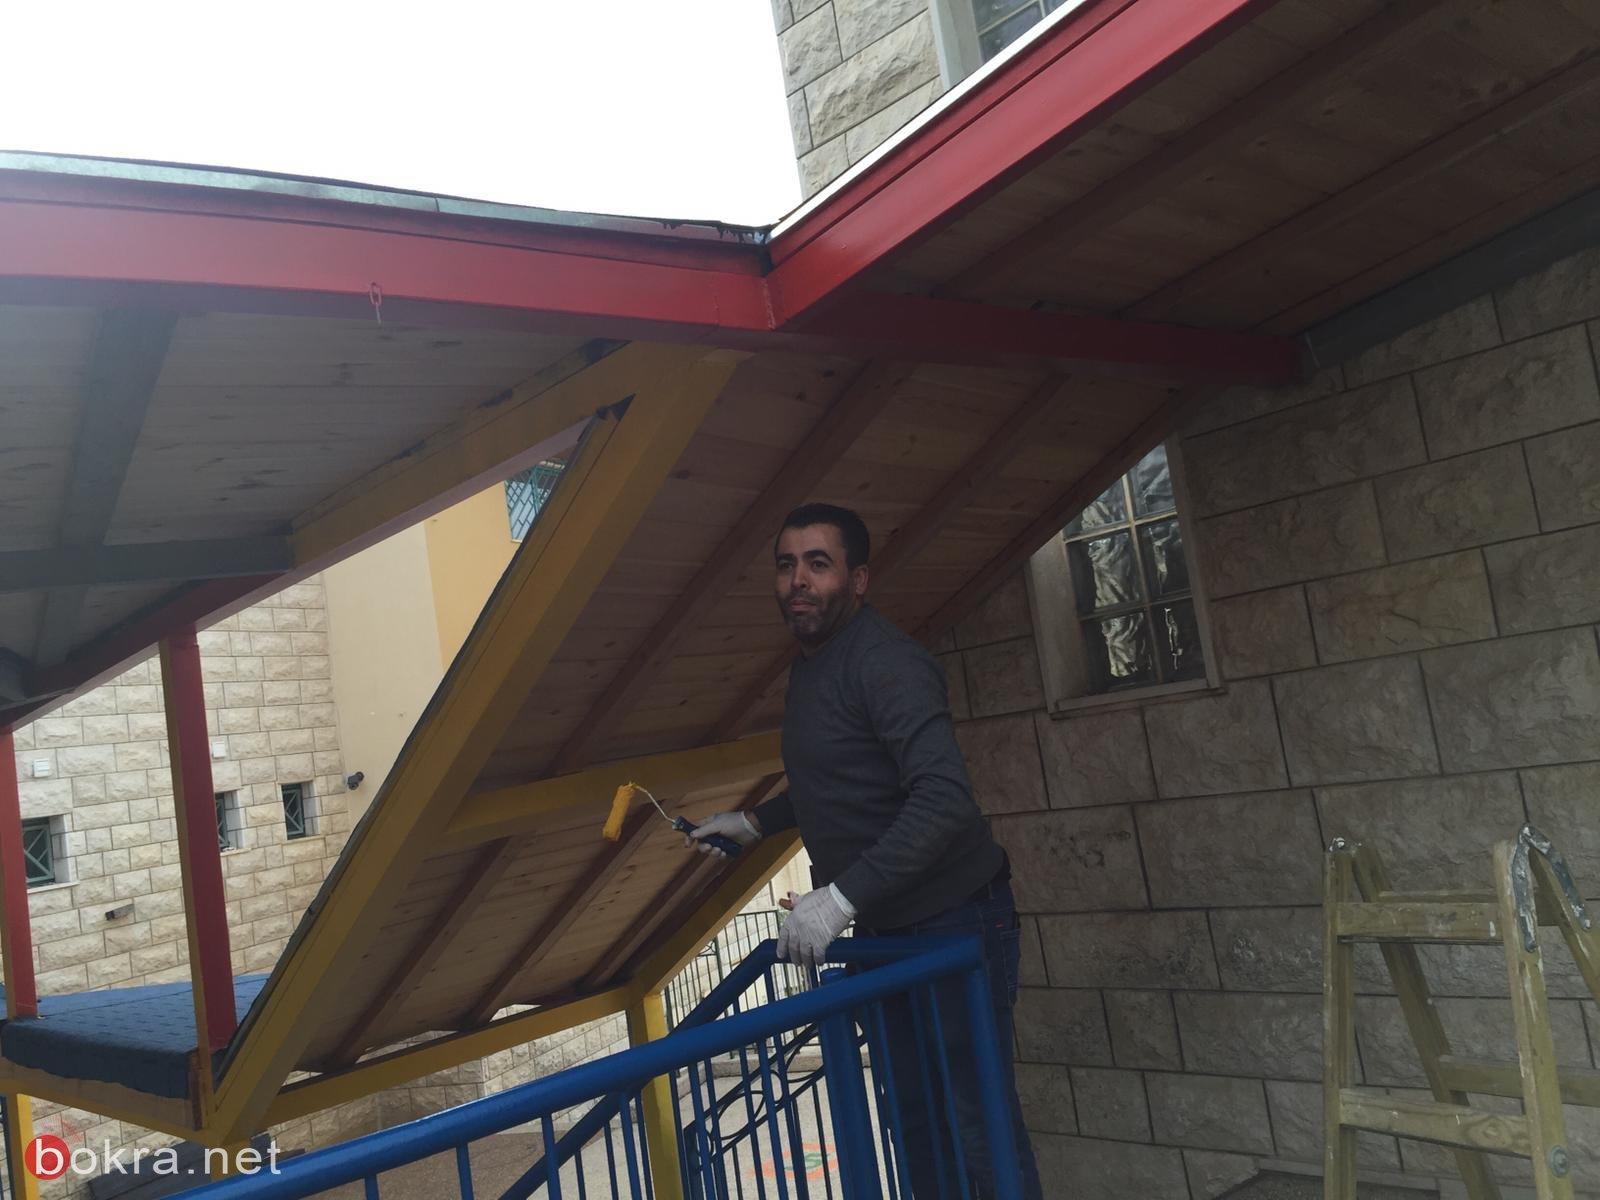 سخنين: يوم عمل تطوعي في مدرسة الصفا